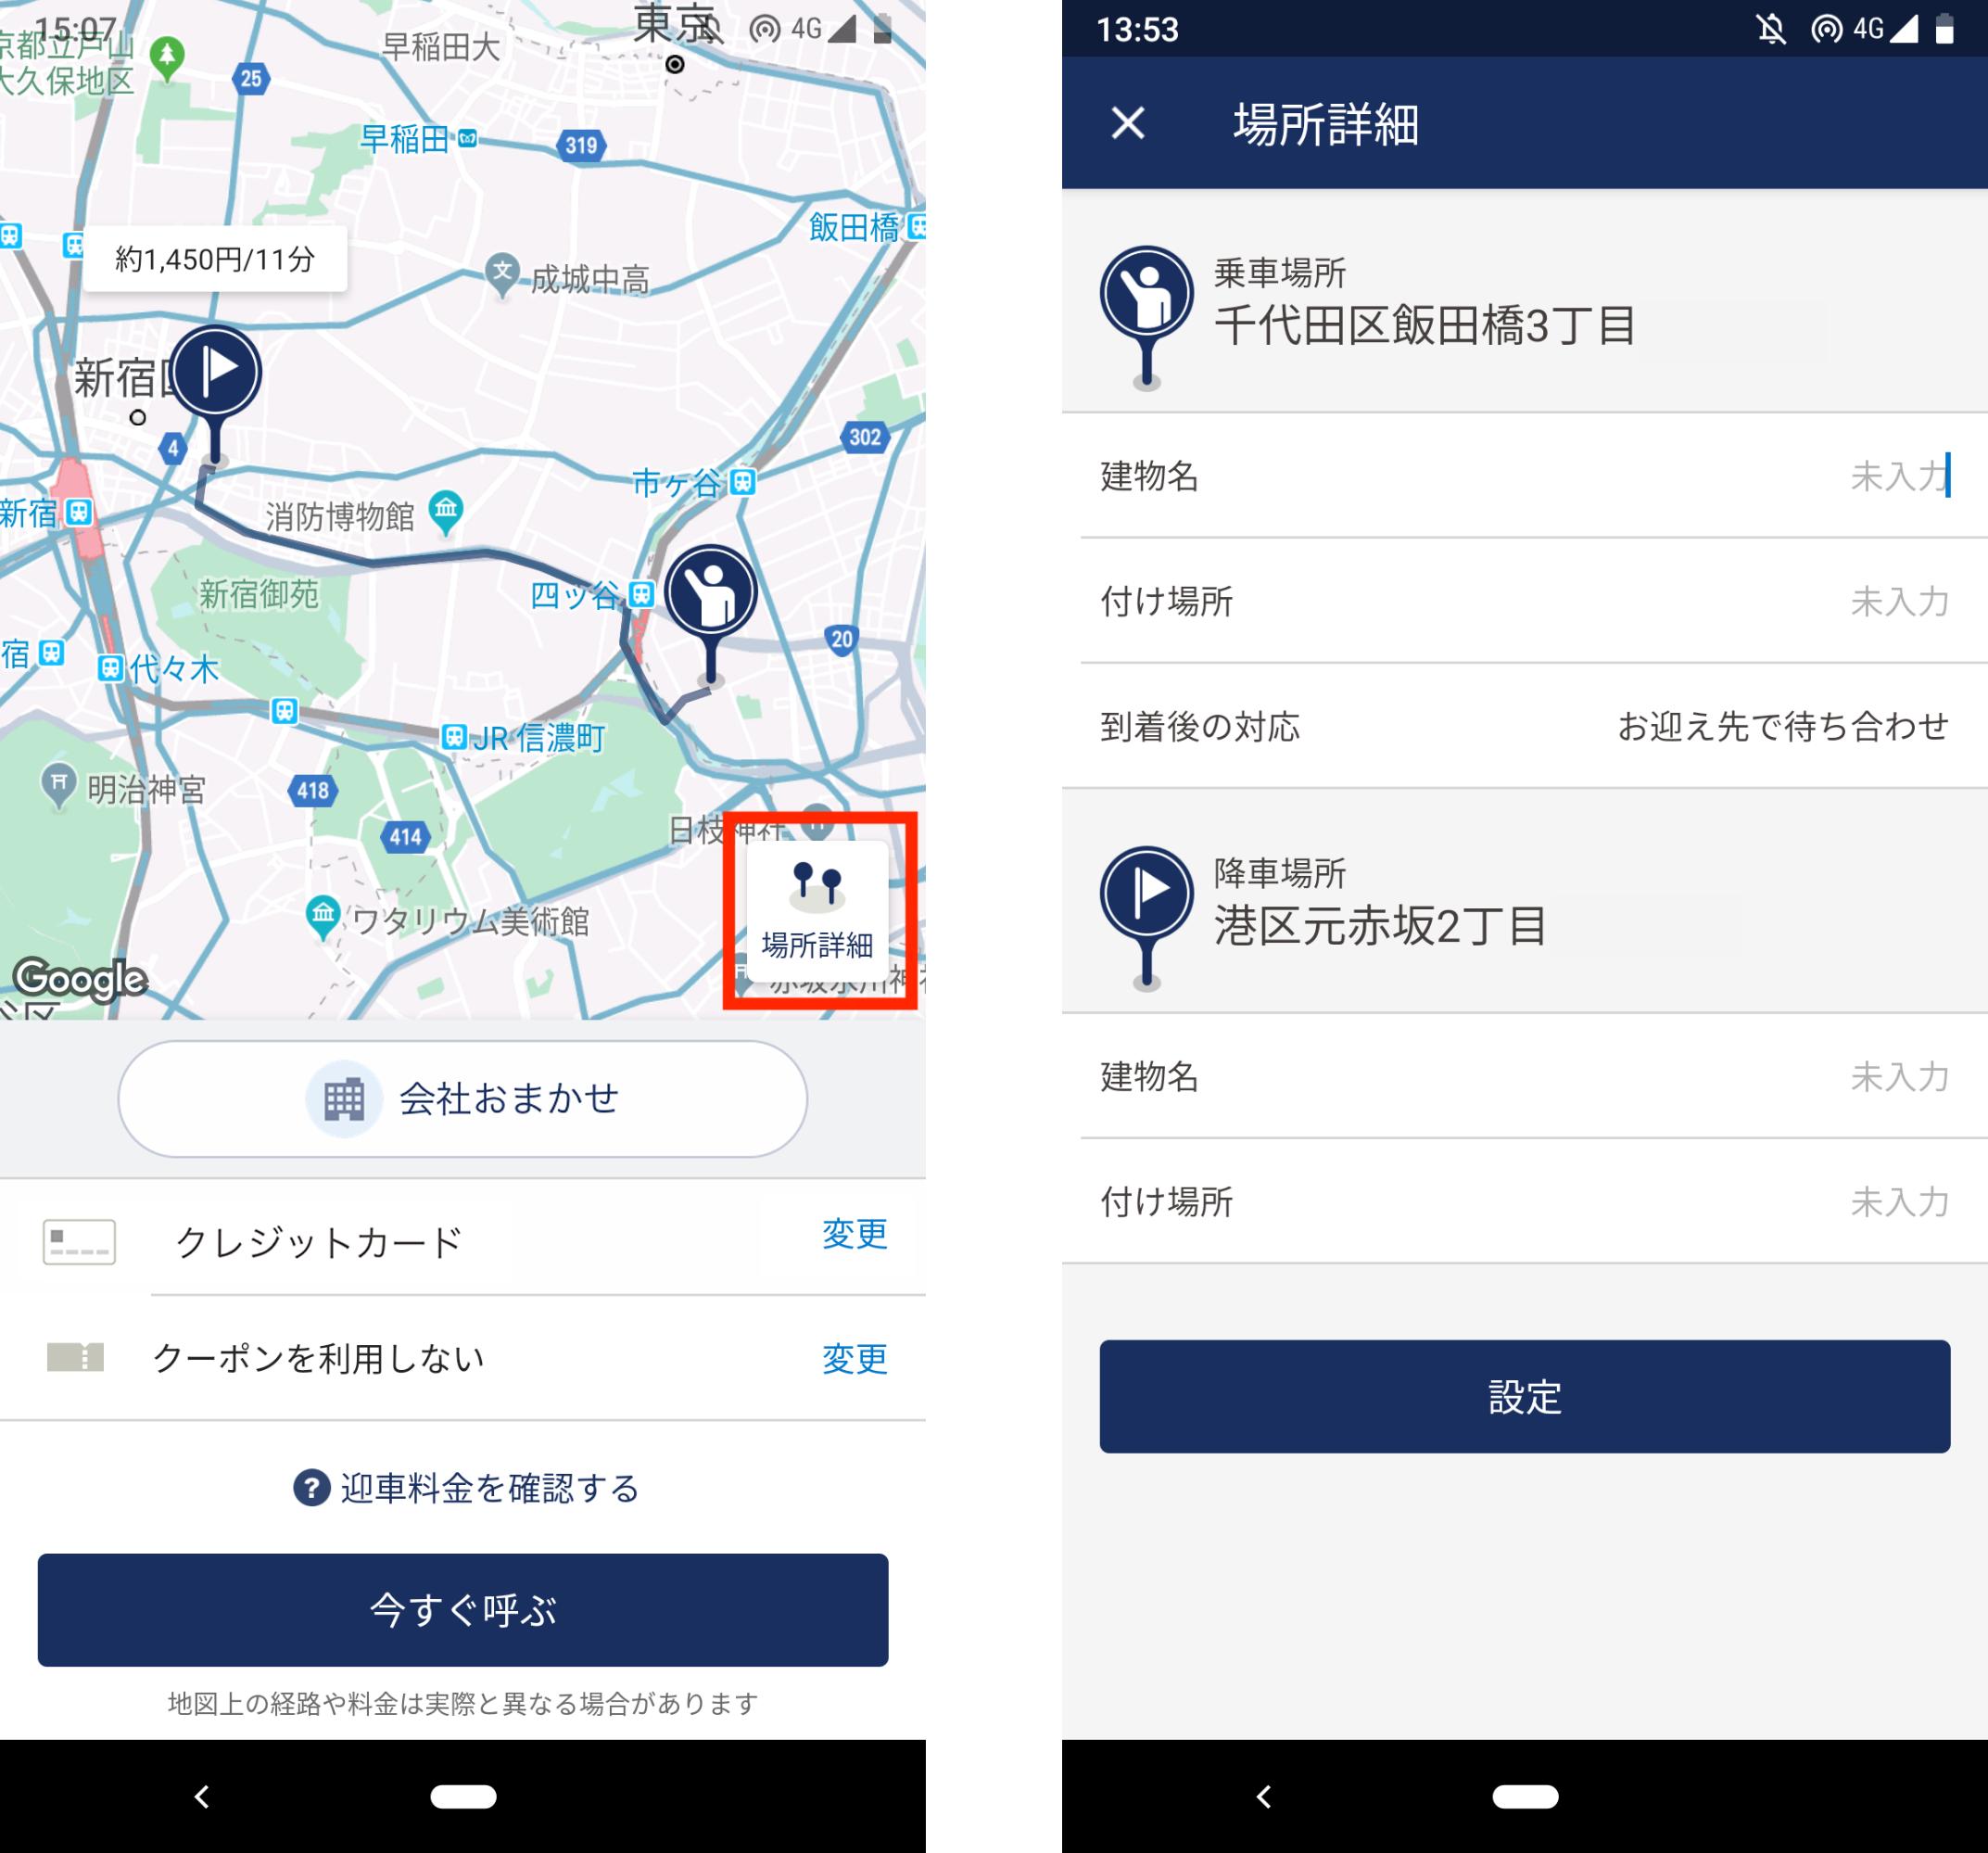 ジャパン タクシー 使い方